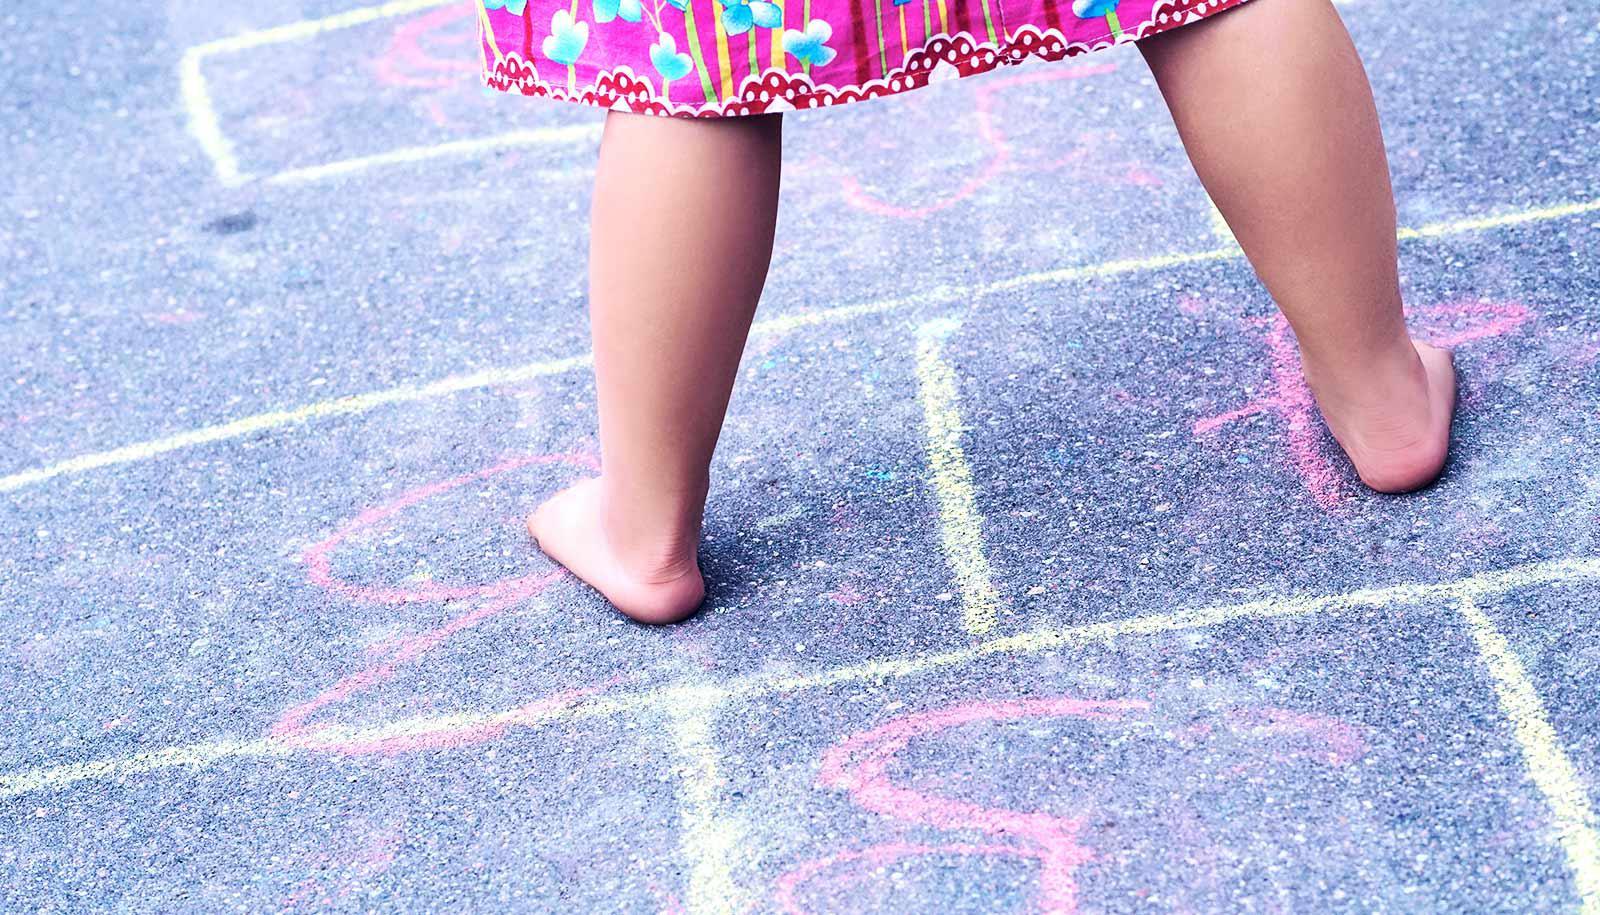 hopscotch little girl